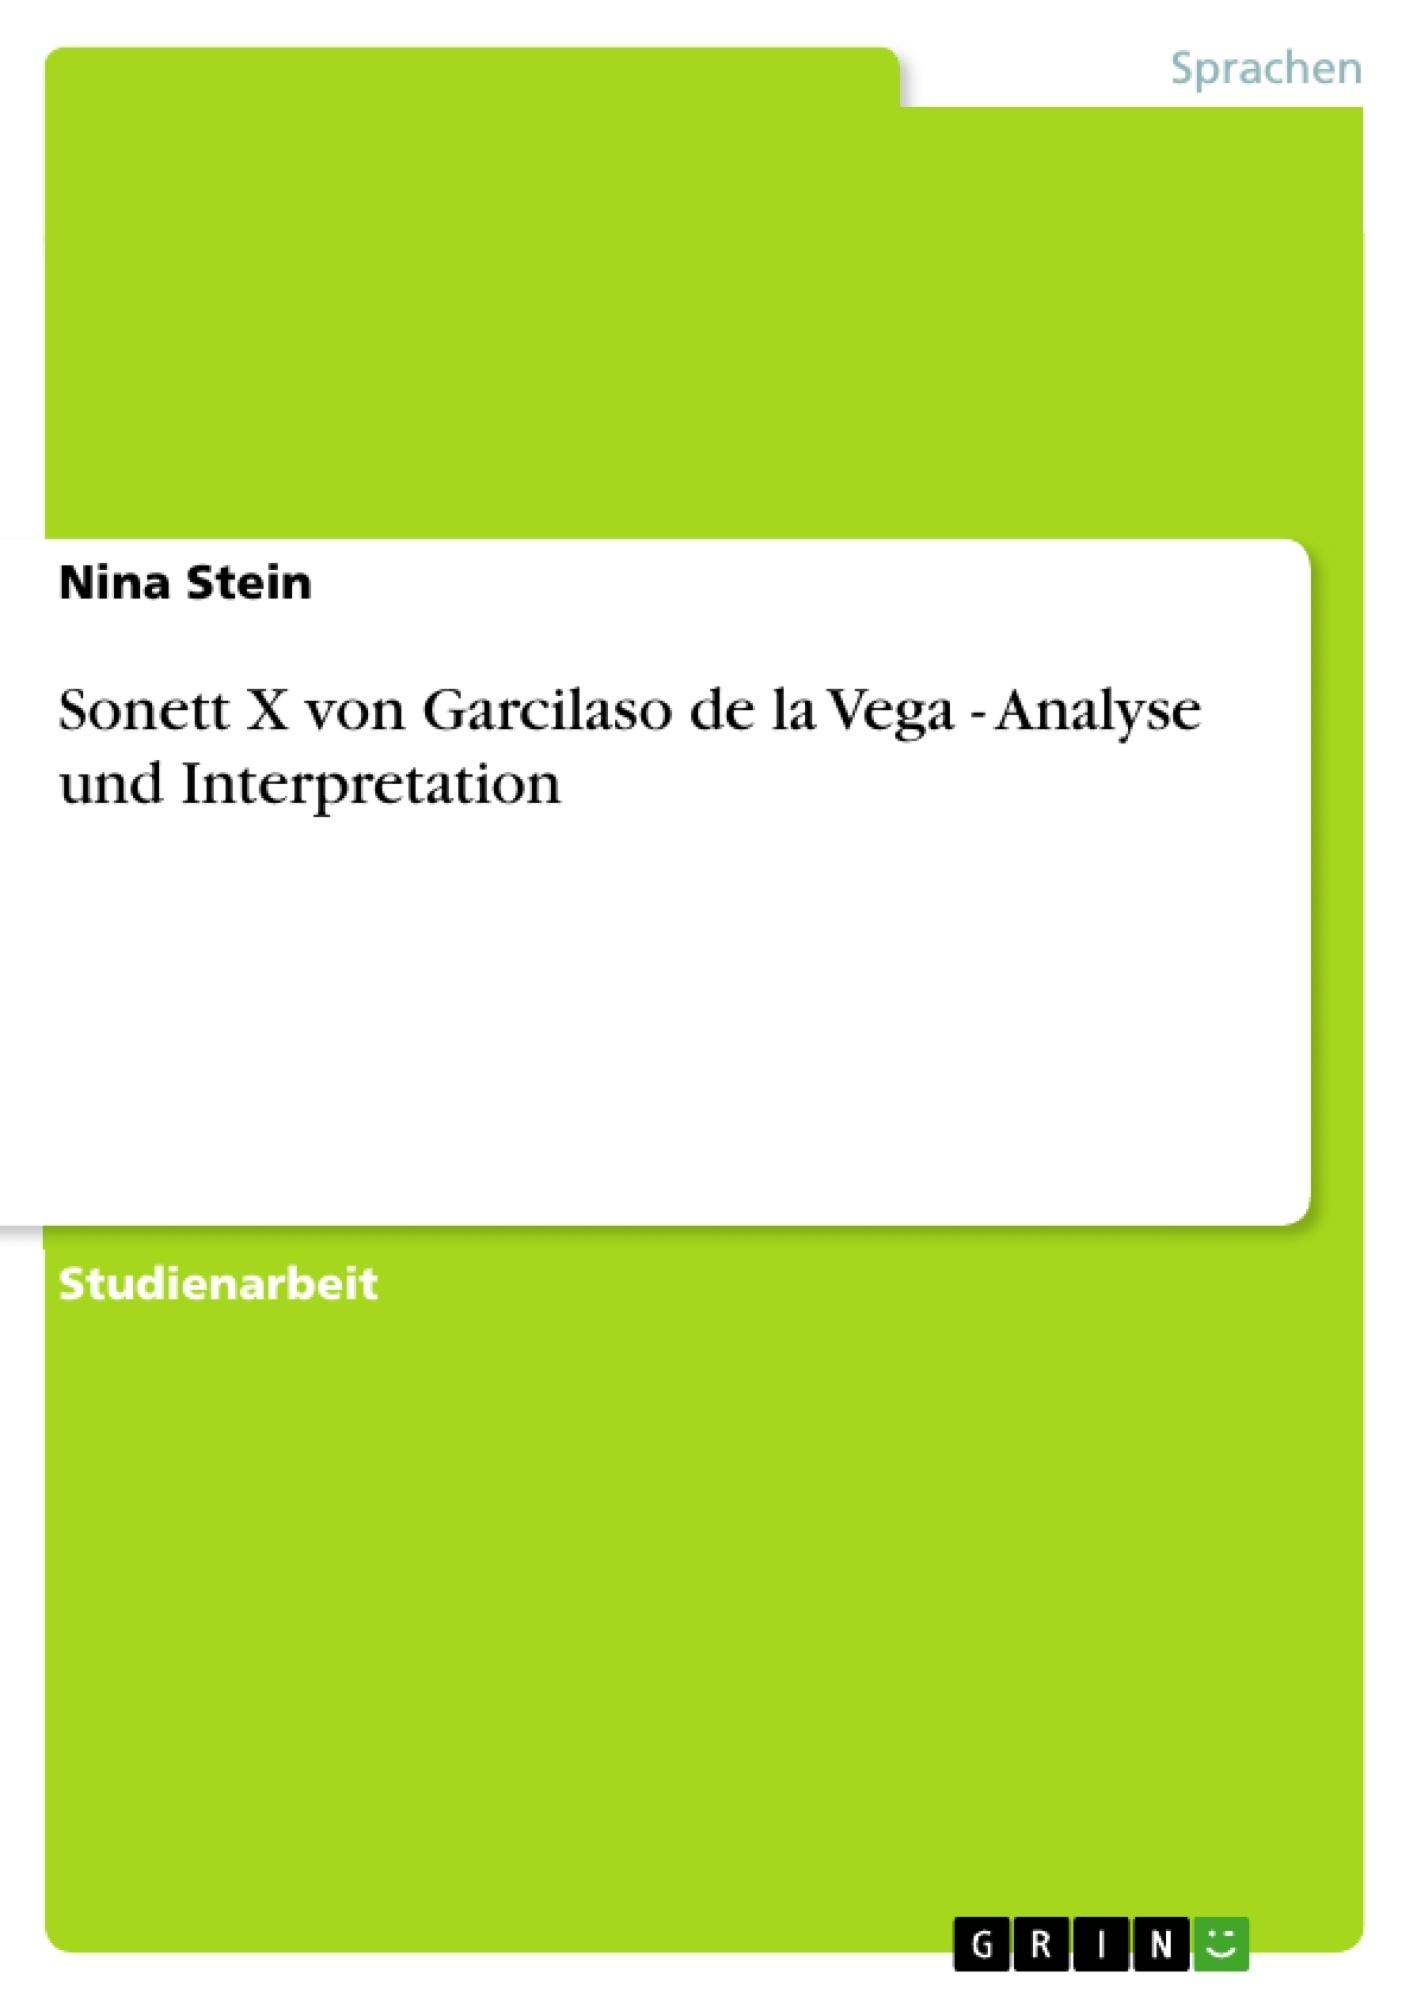 Titel: Sonett X von Garcilaso de la Vega - Analyse und Interpretation